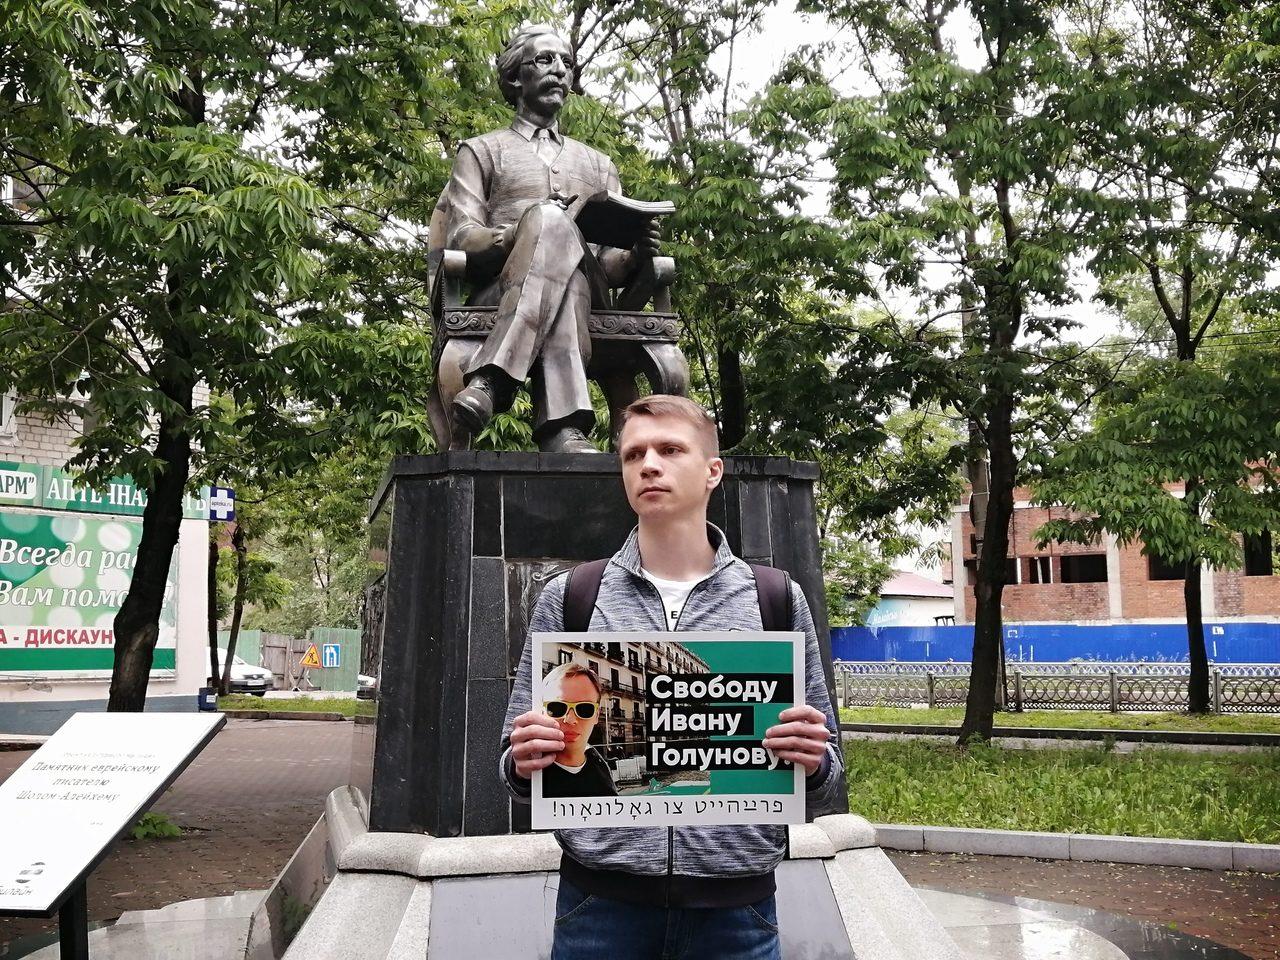 Журналисты Биробиджана провели одиночные пикеты в знак солидарности с Иваном Голуновым